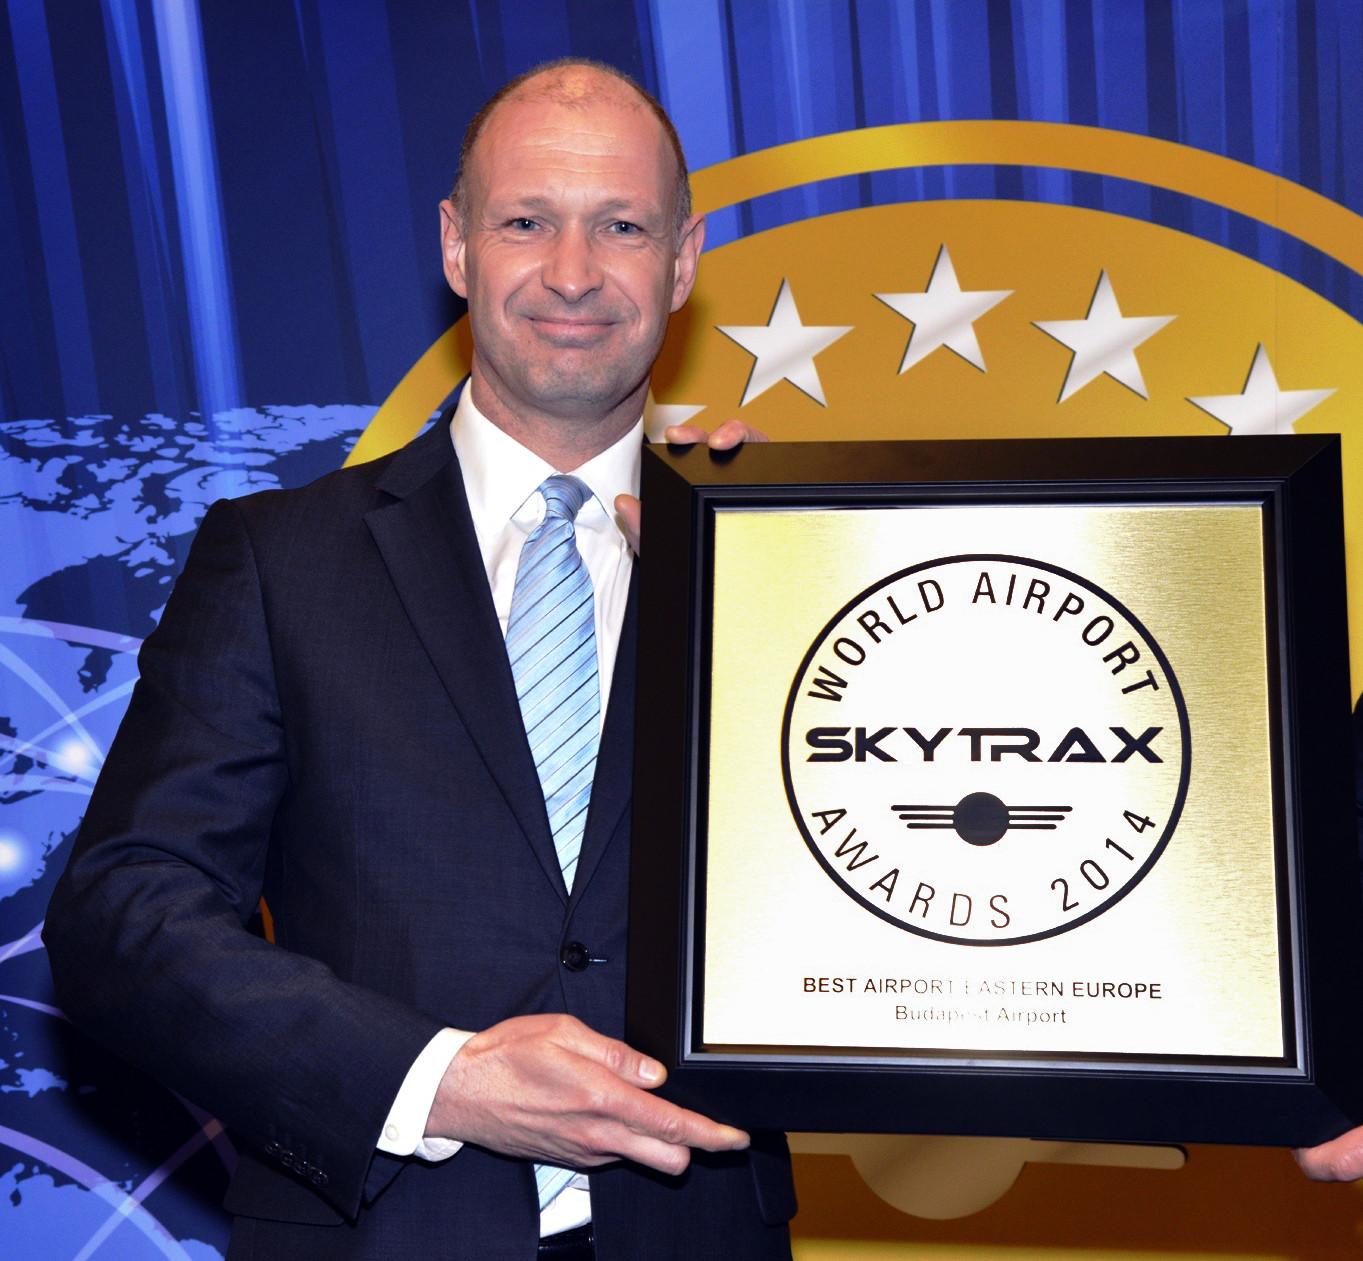 Jost Lammers, a Budapest Airport vezérigazgatója a 2014-es Skytrax elismeréssel a kezében. (Fotó: Budapest Airport) | © AIRportal.hu